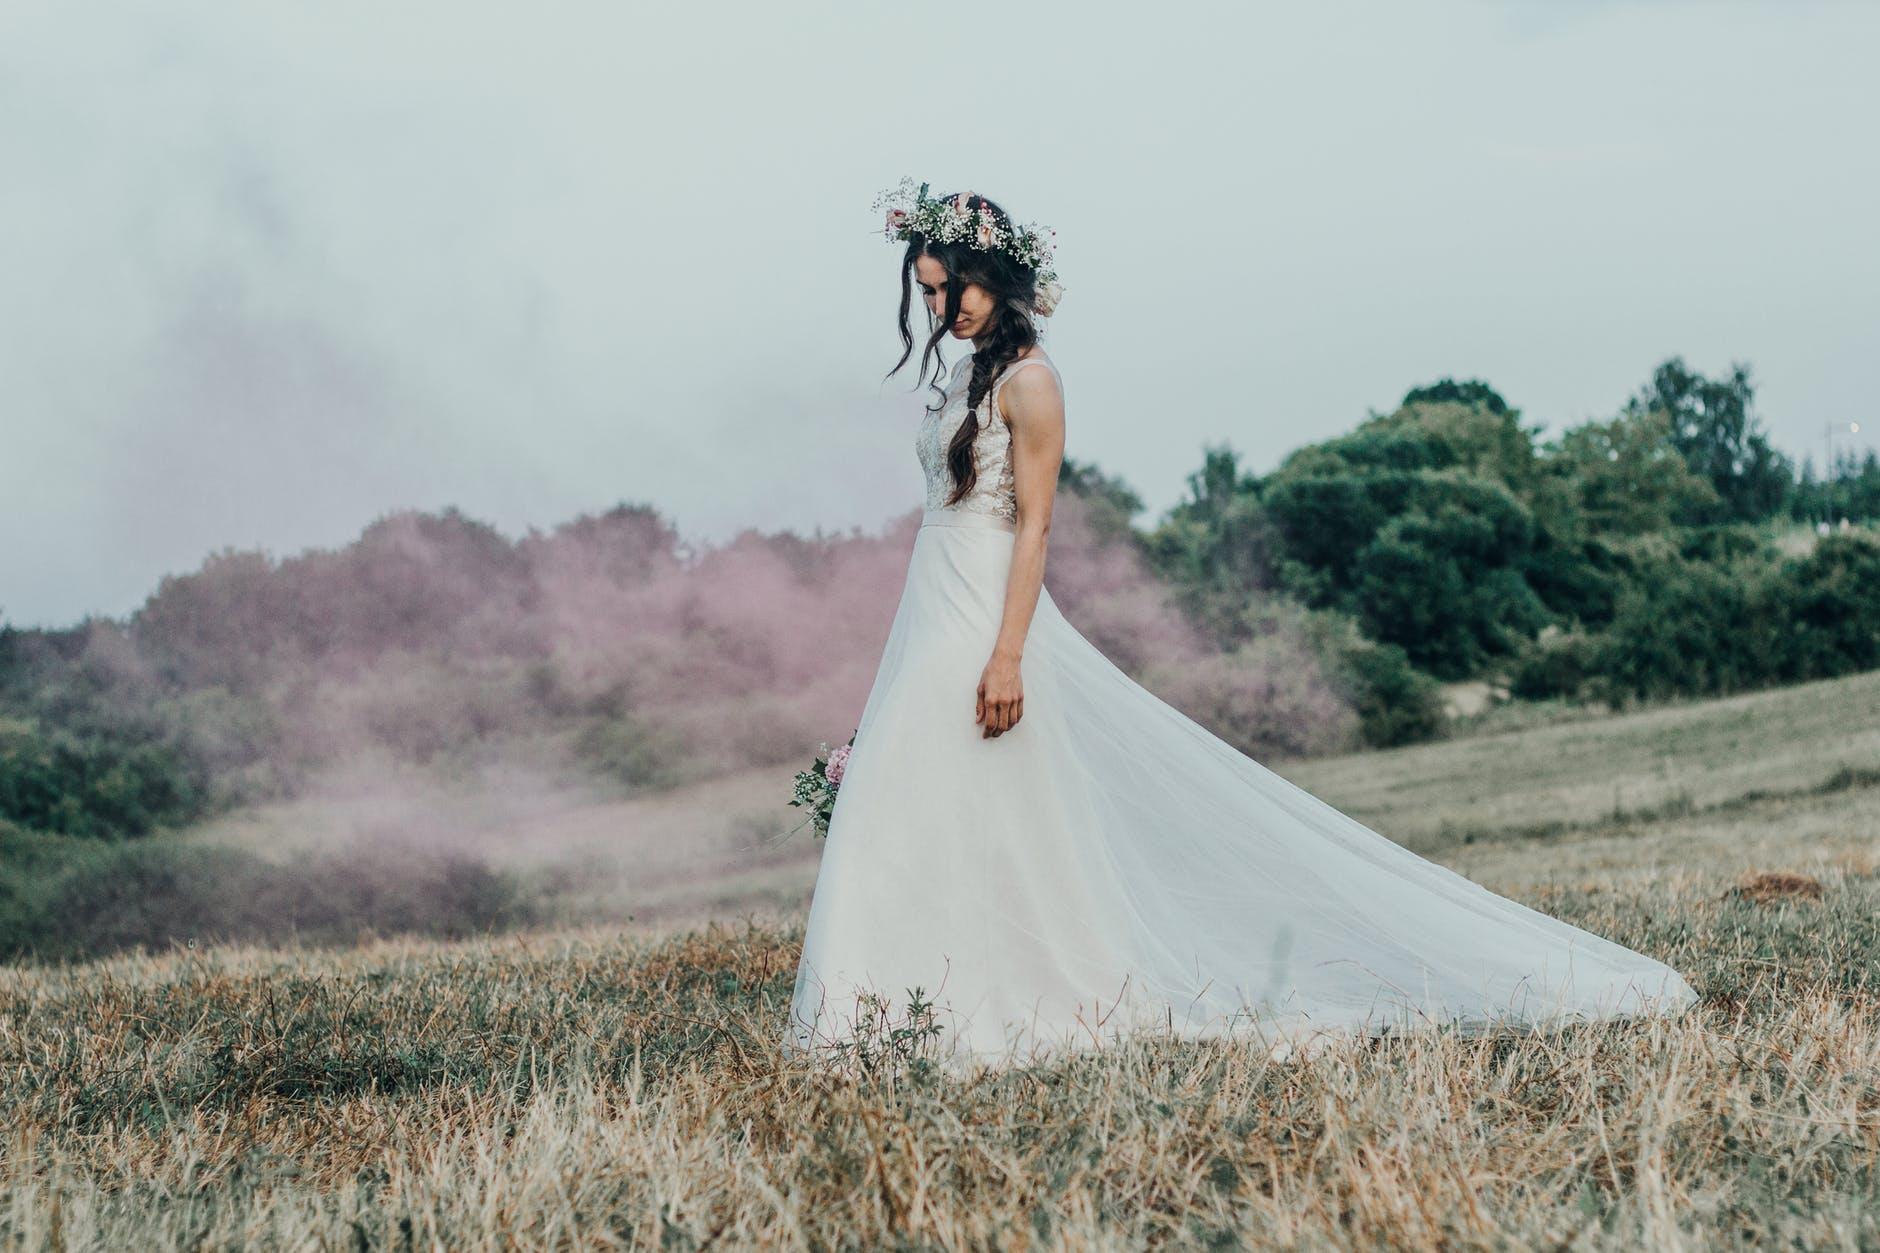 Vestidos de novia españoles Archivos - Marián Novias | Tienda de novias